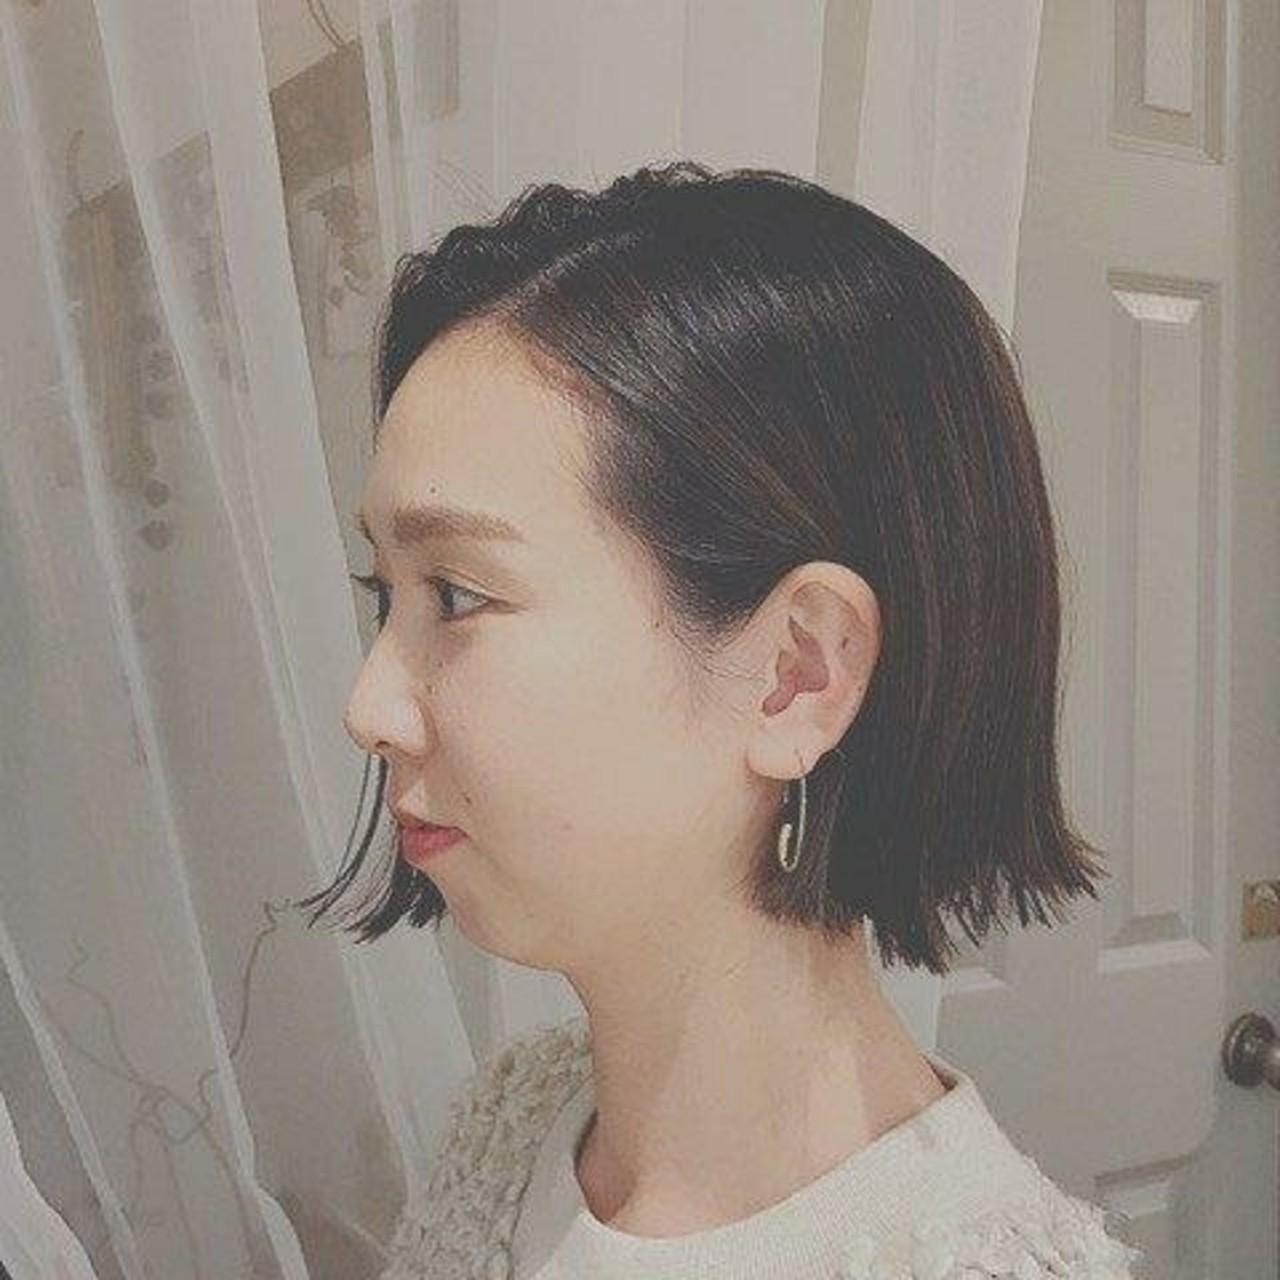 ボブ 冬 フェミニン デート ヘアスタイルや髪型の写真・画像 | 浦川由起江 / nanon